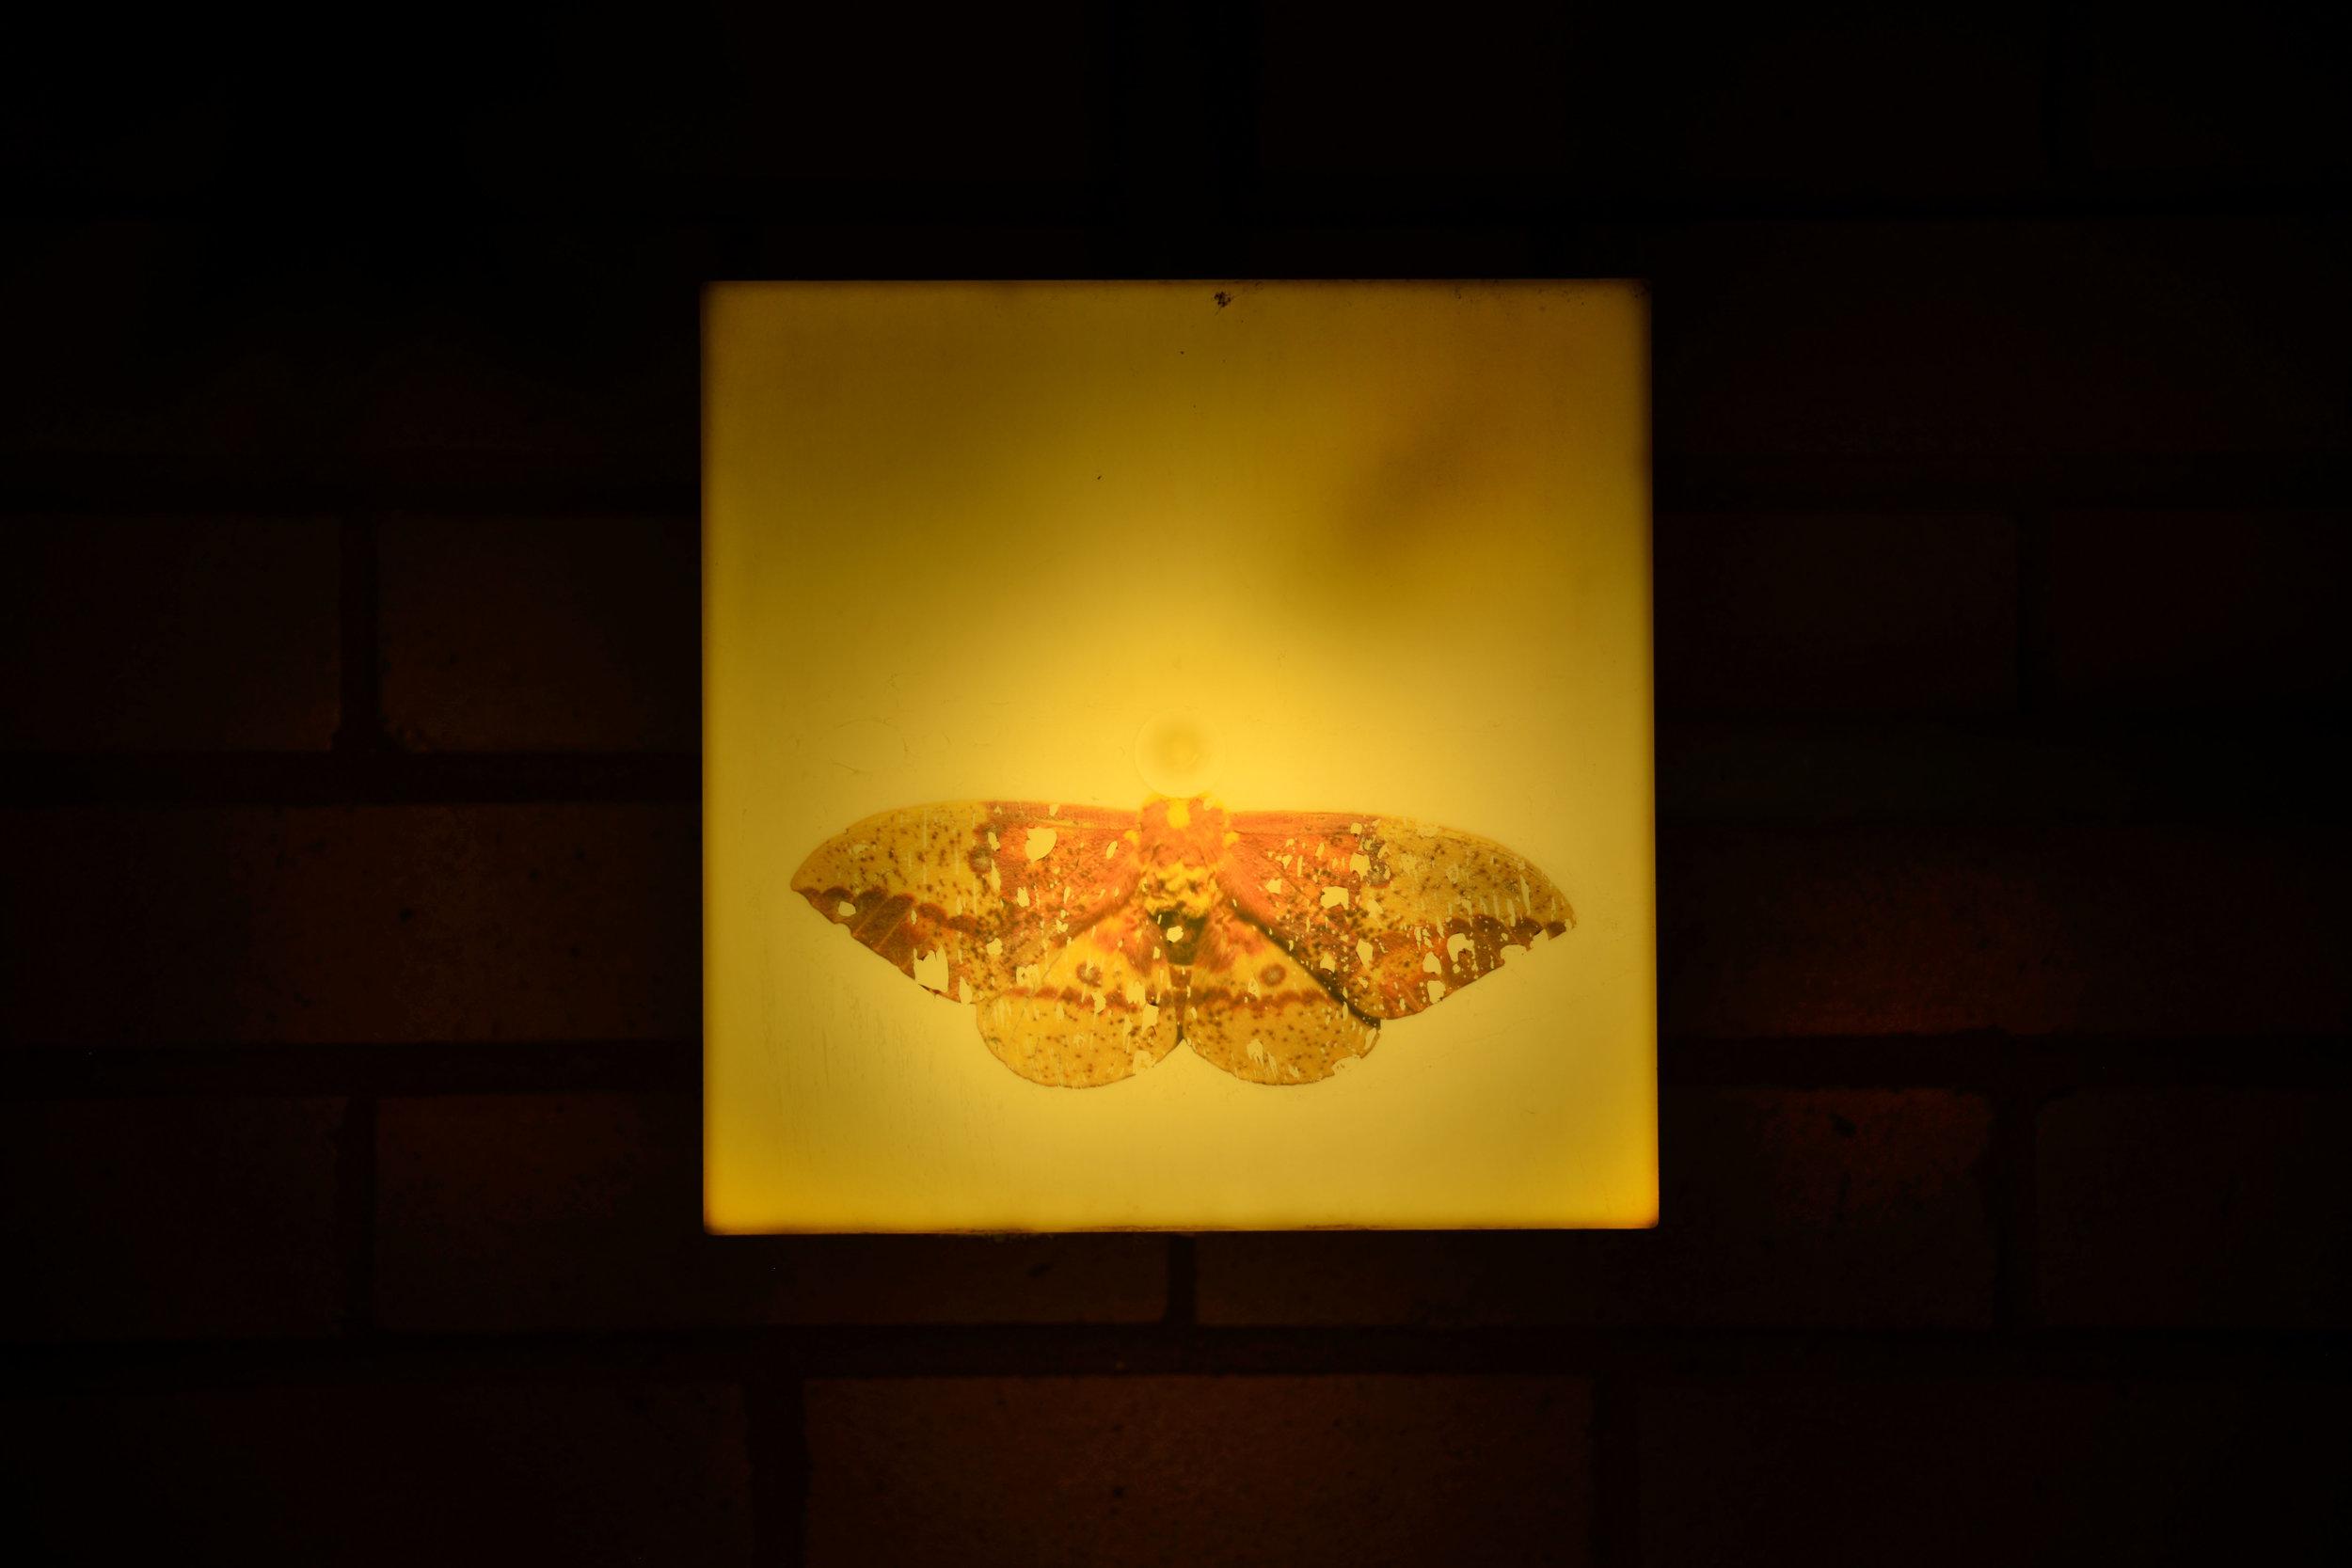 imperial_moth.jpg